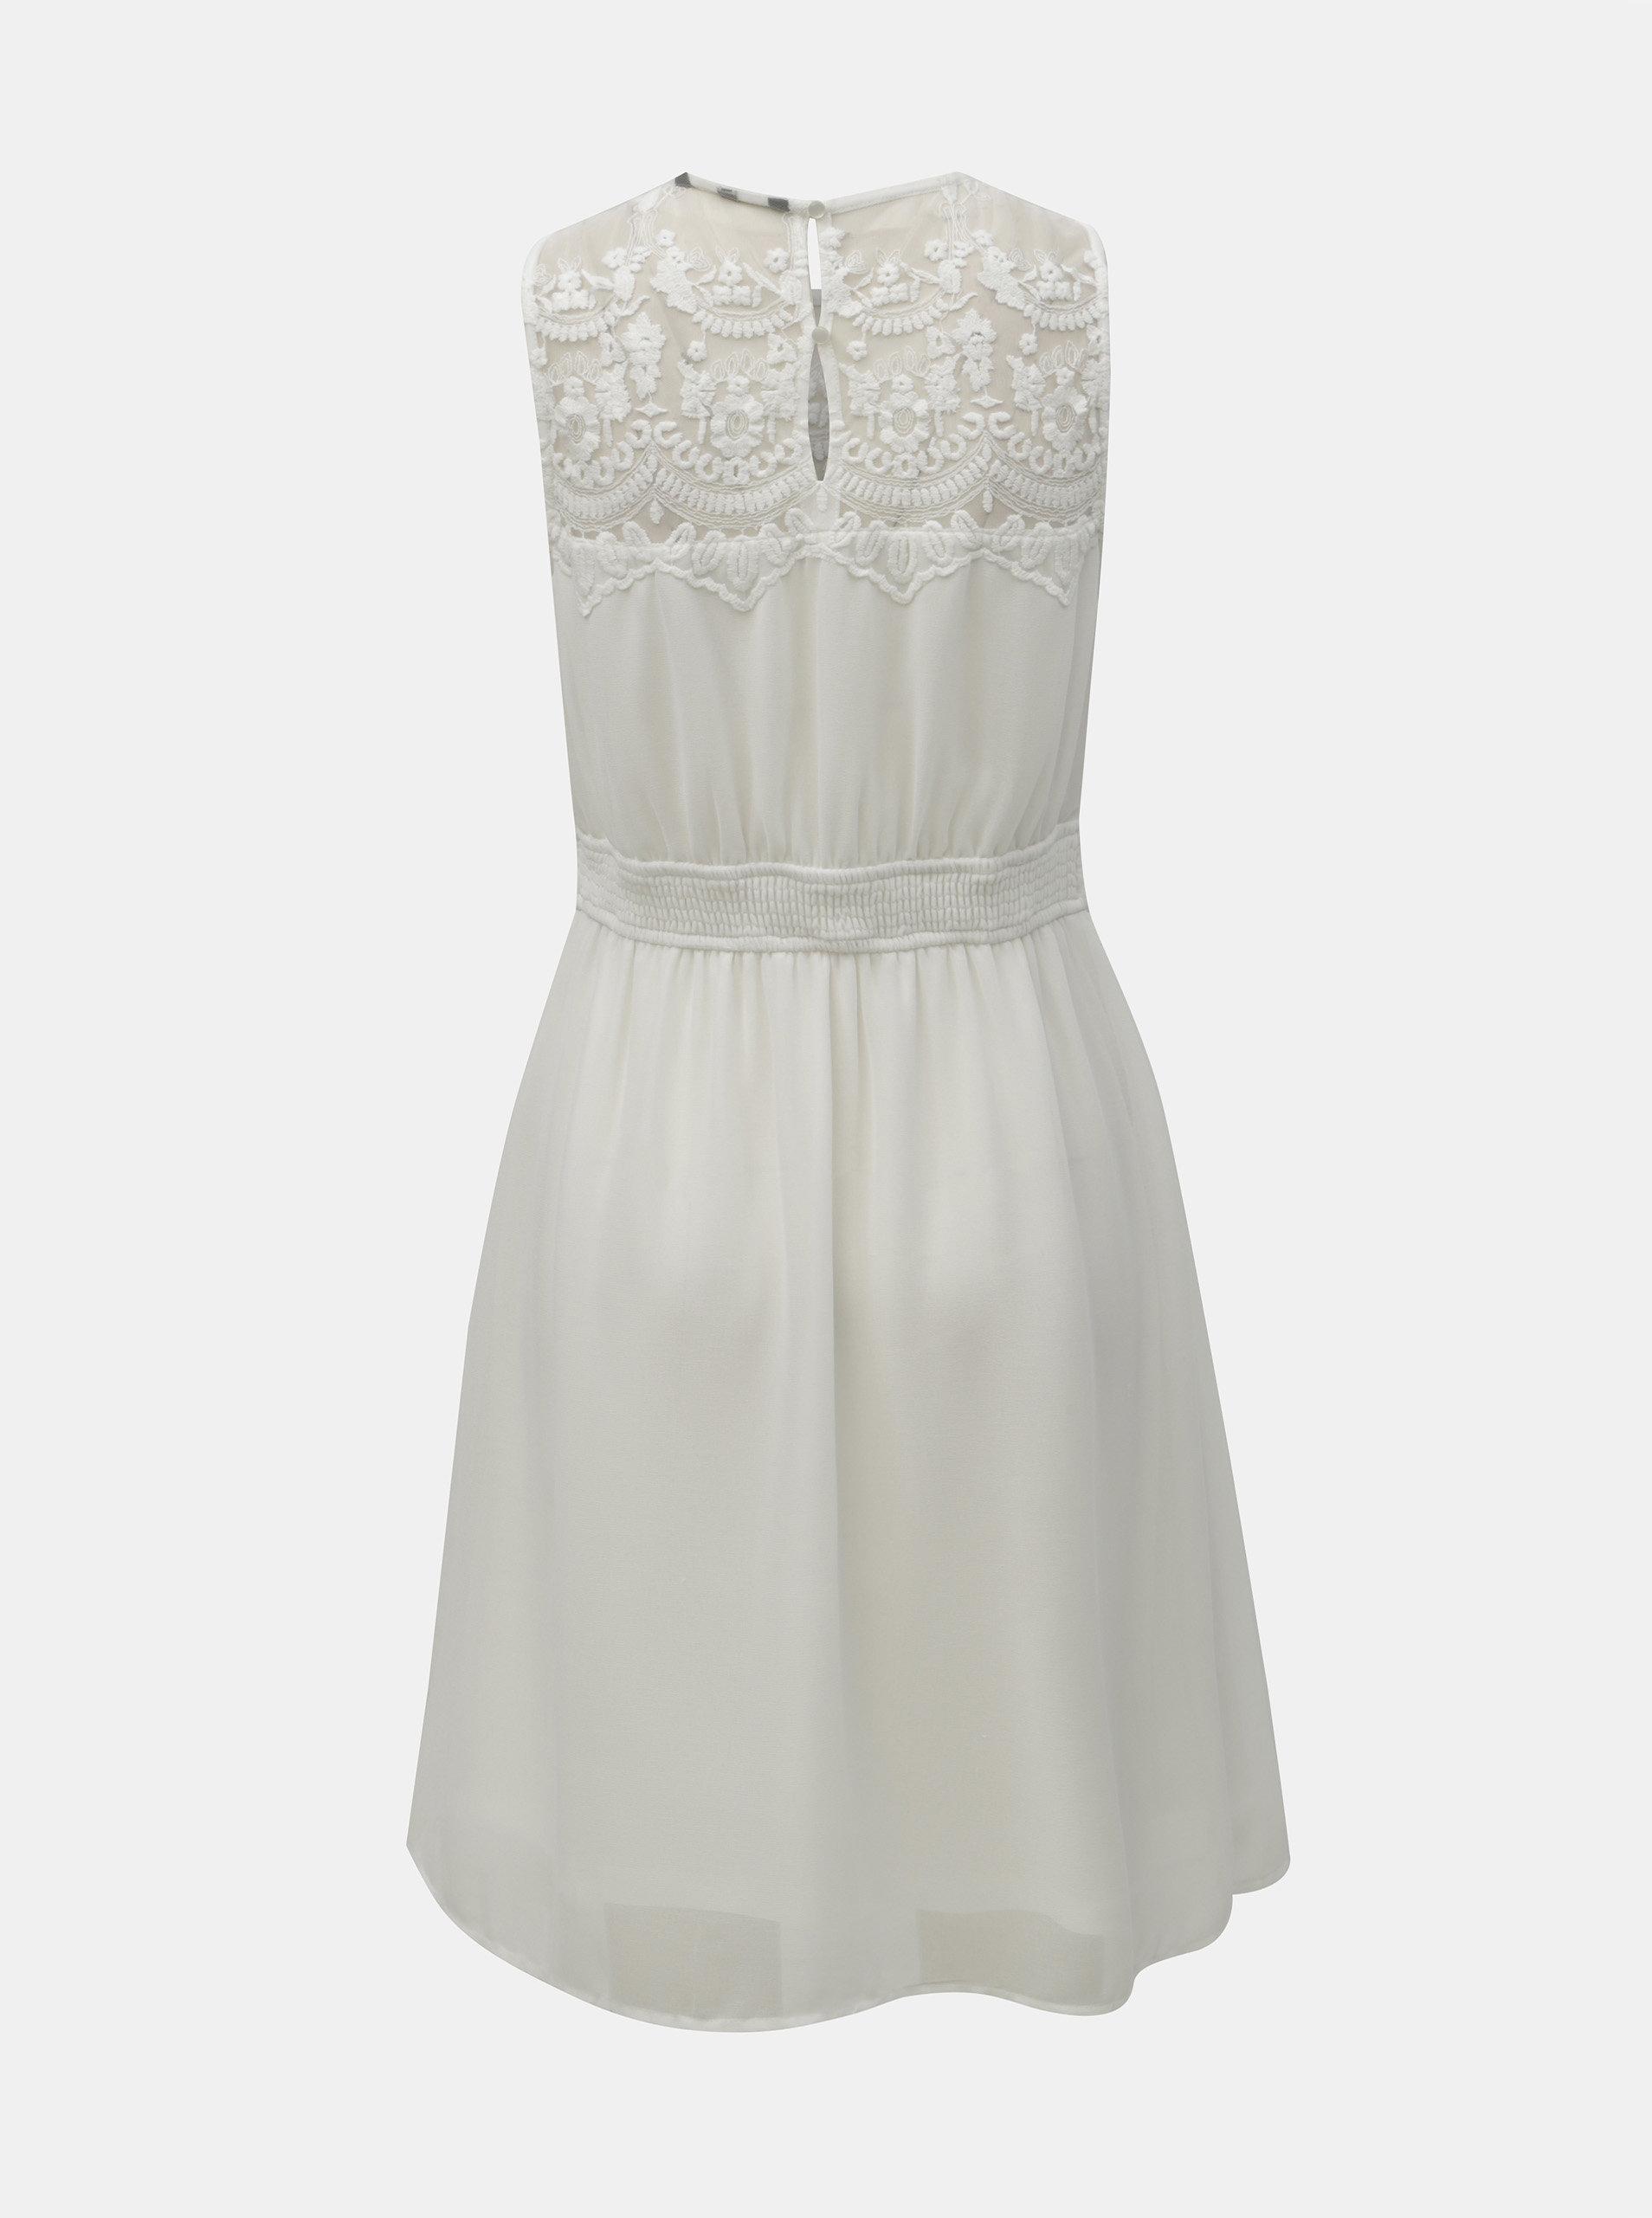 510a87e588b4 Biele šaty s čipkou VERO MODA Vanessa ...